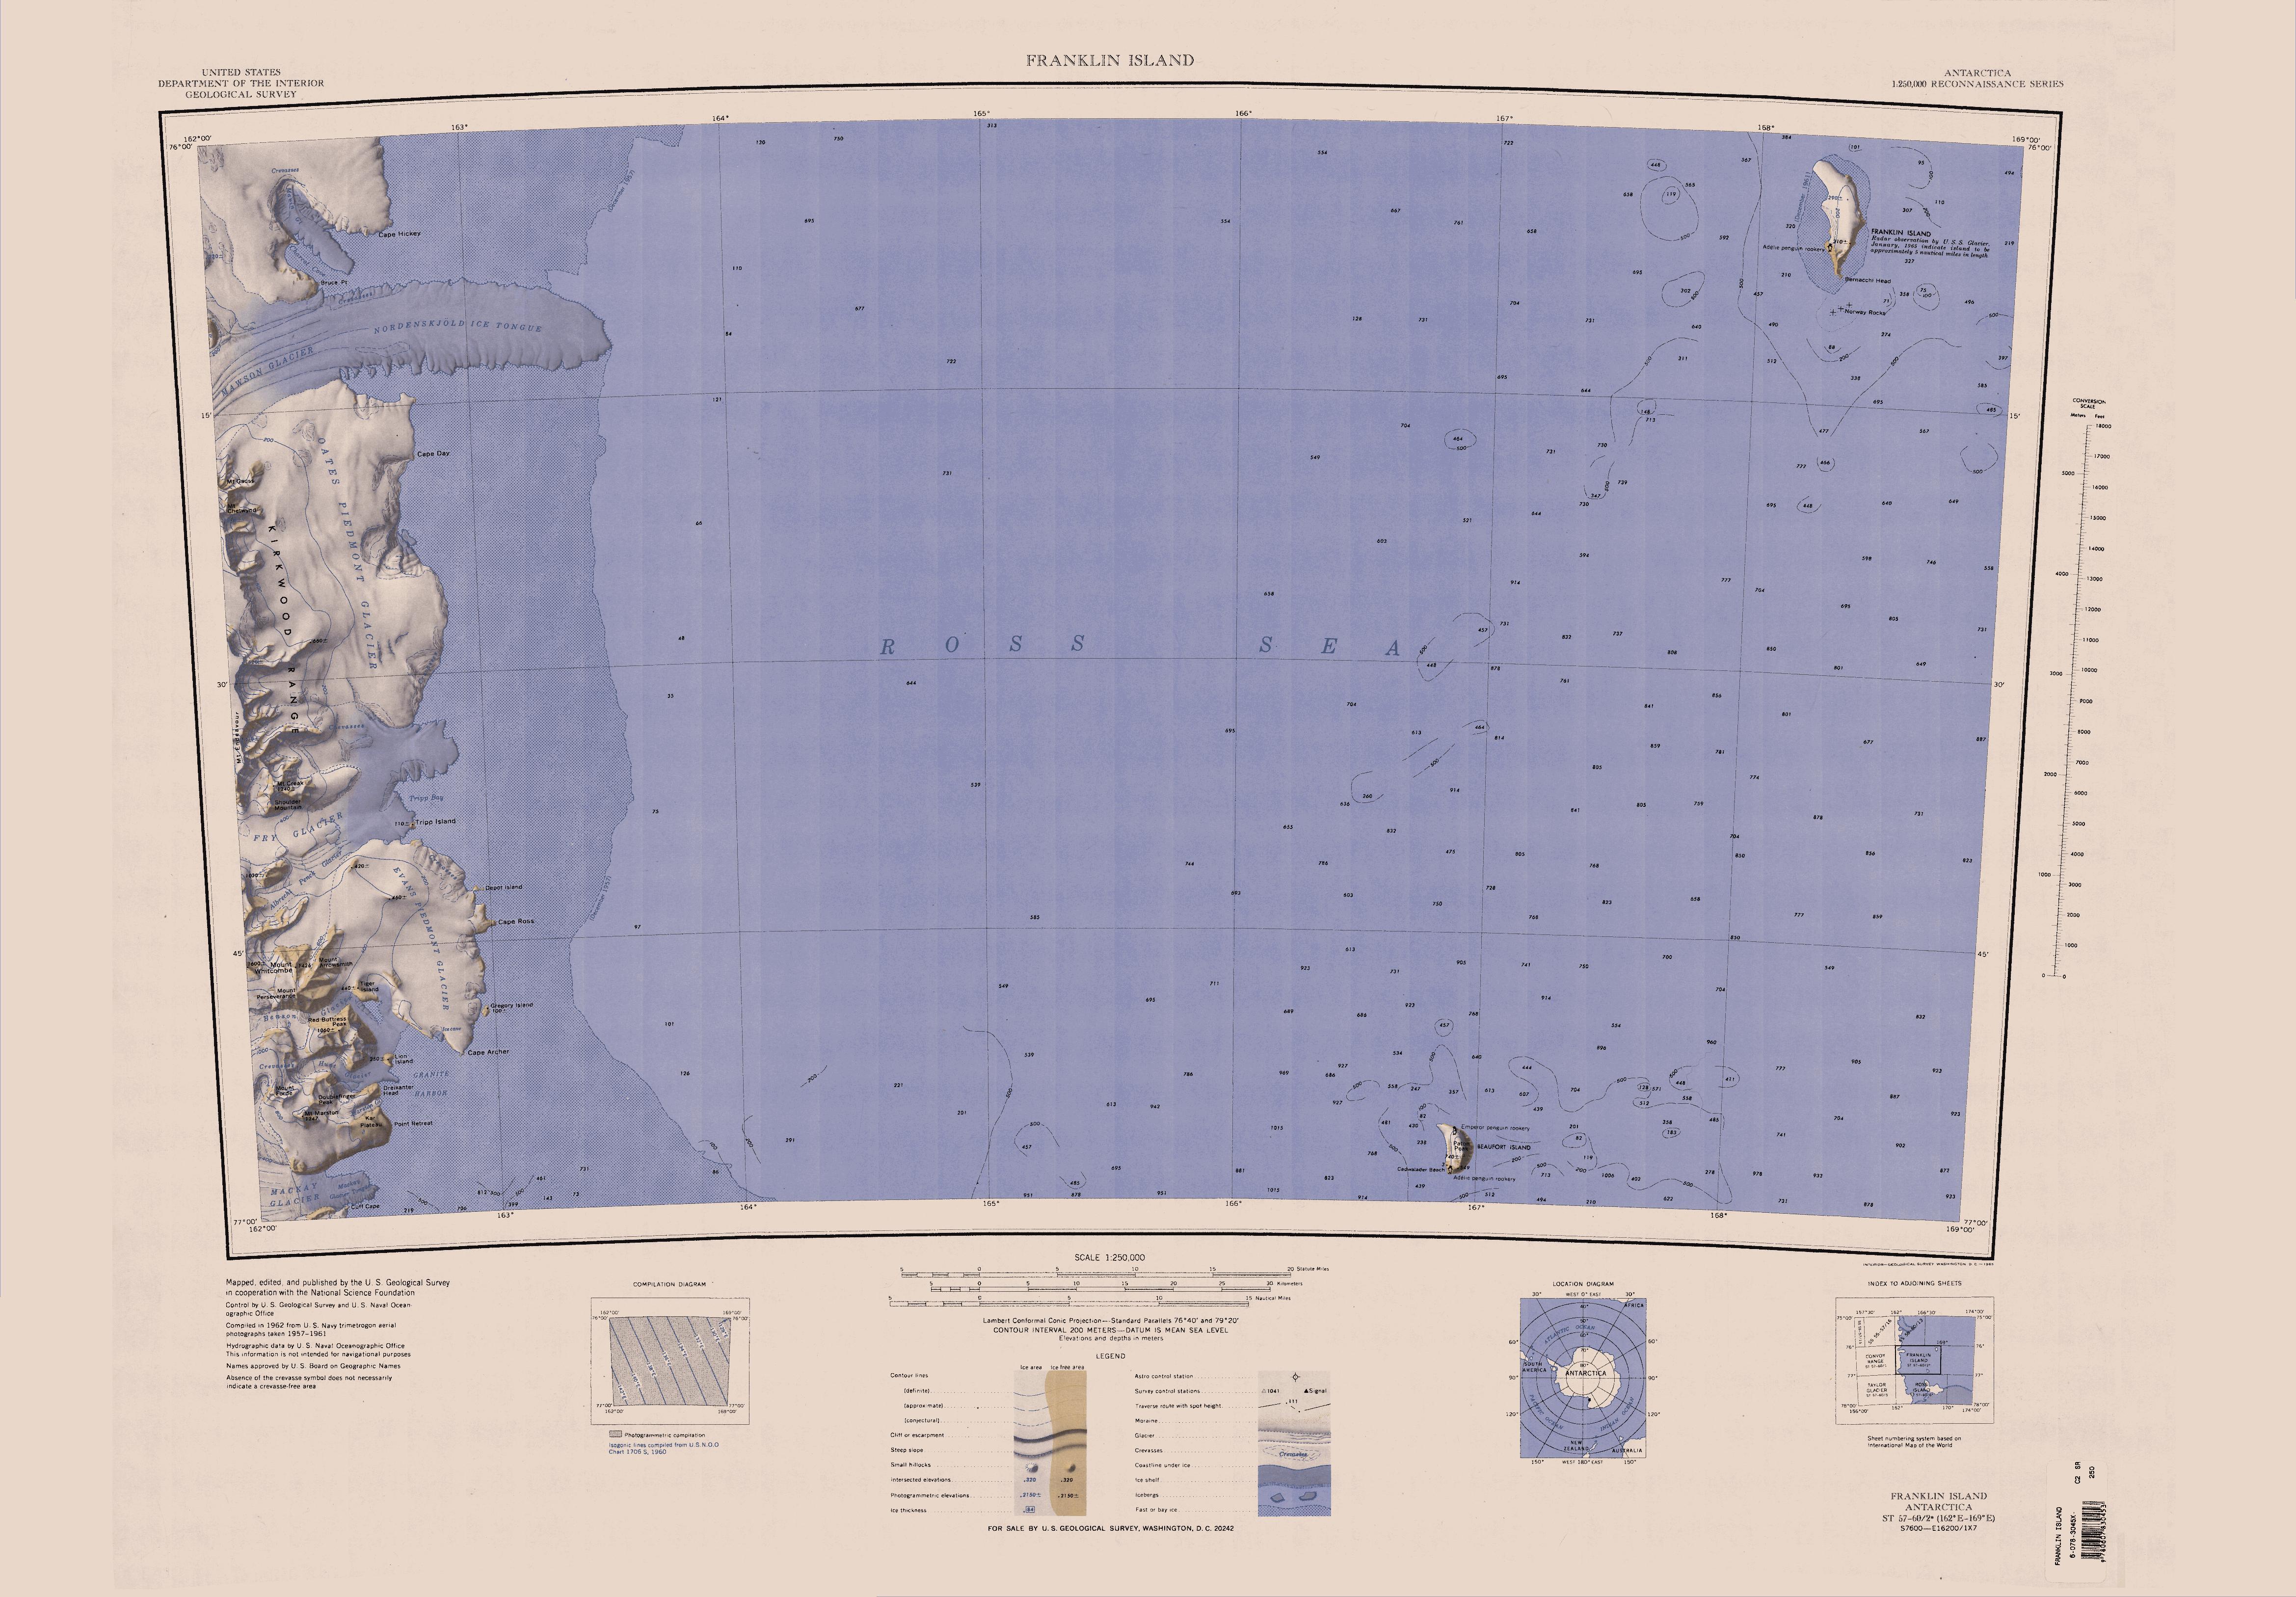 FileC76191s1 AntMap Franklin Islandjpg Wikimedia Commons